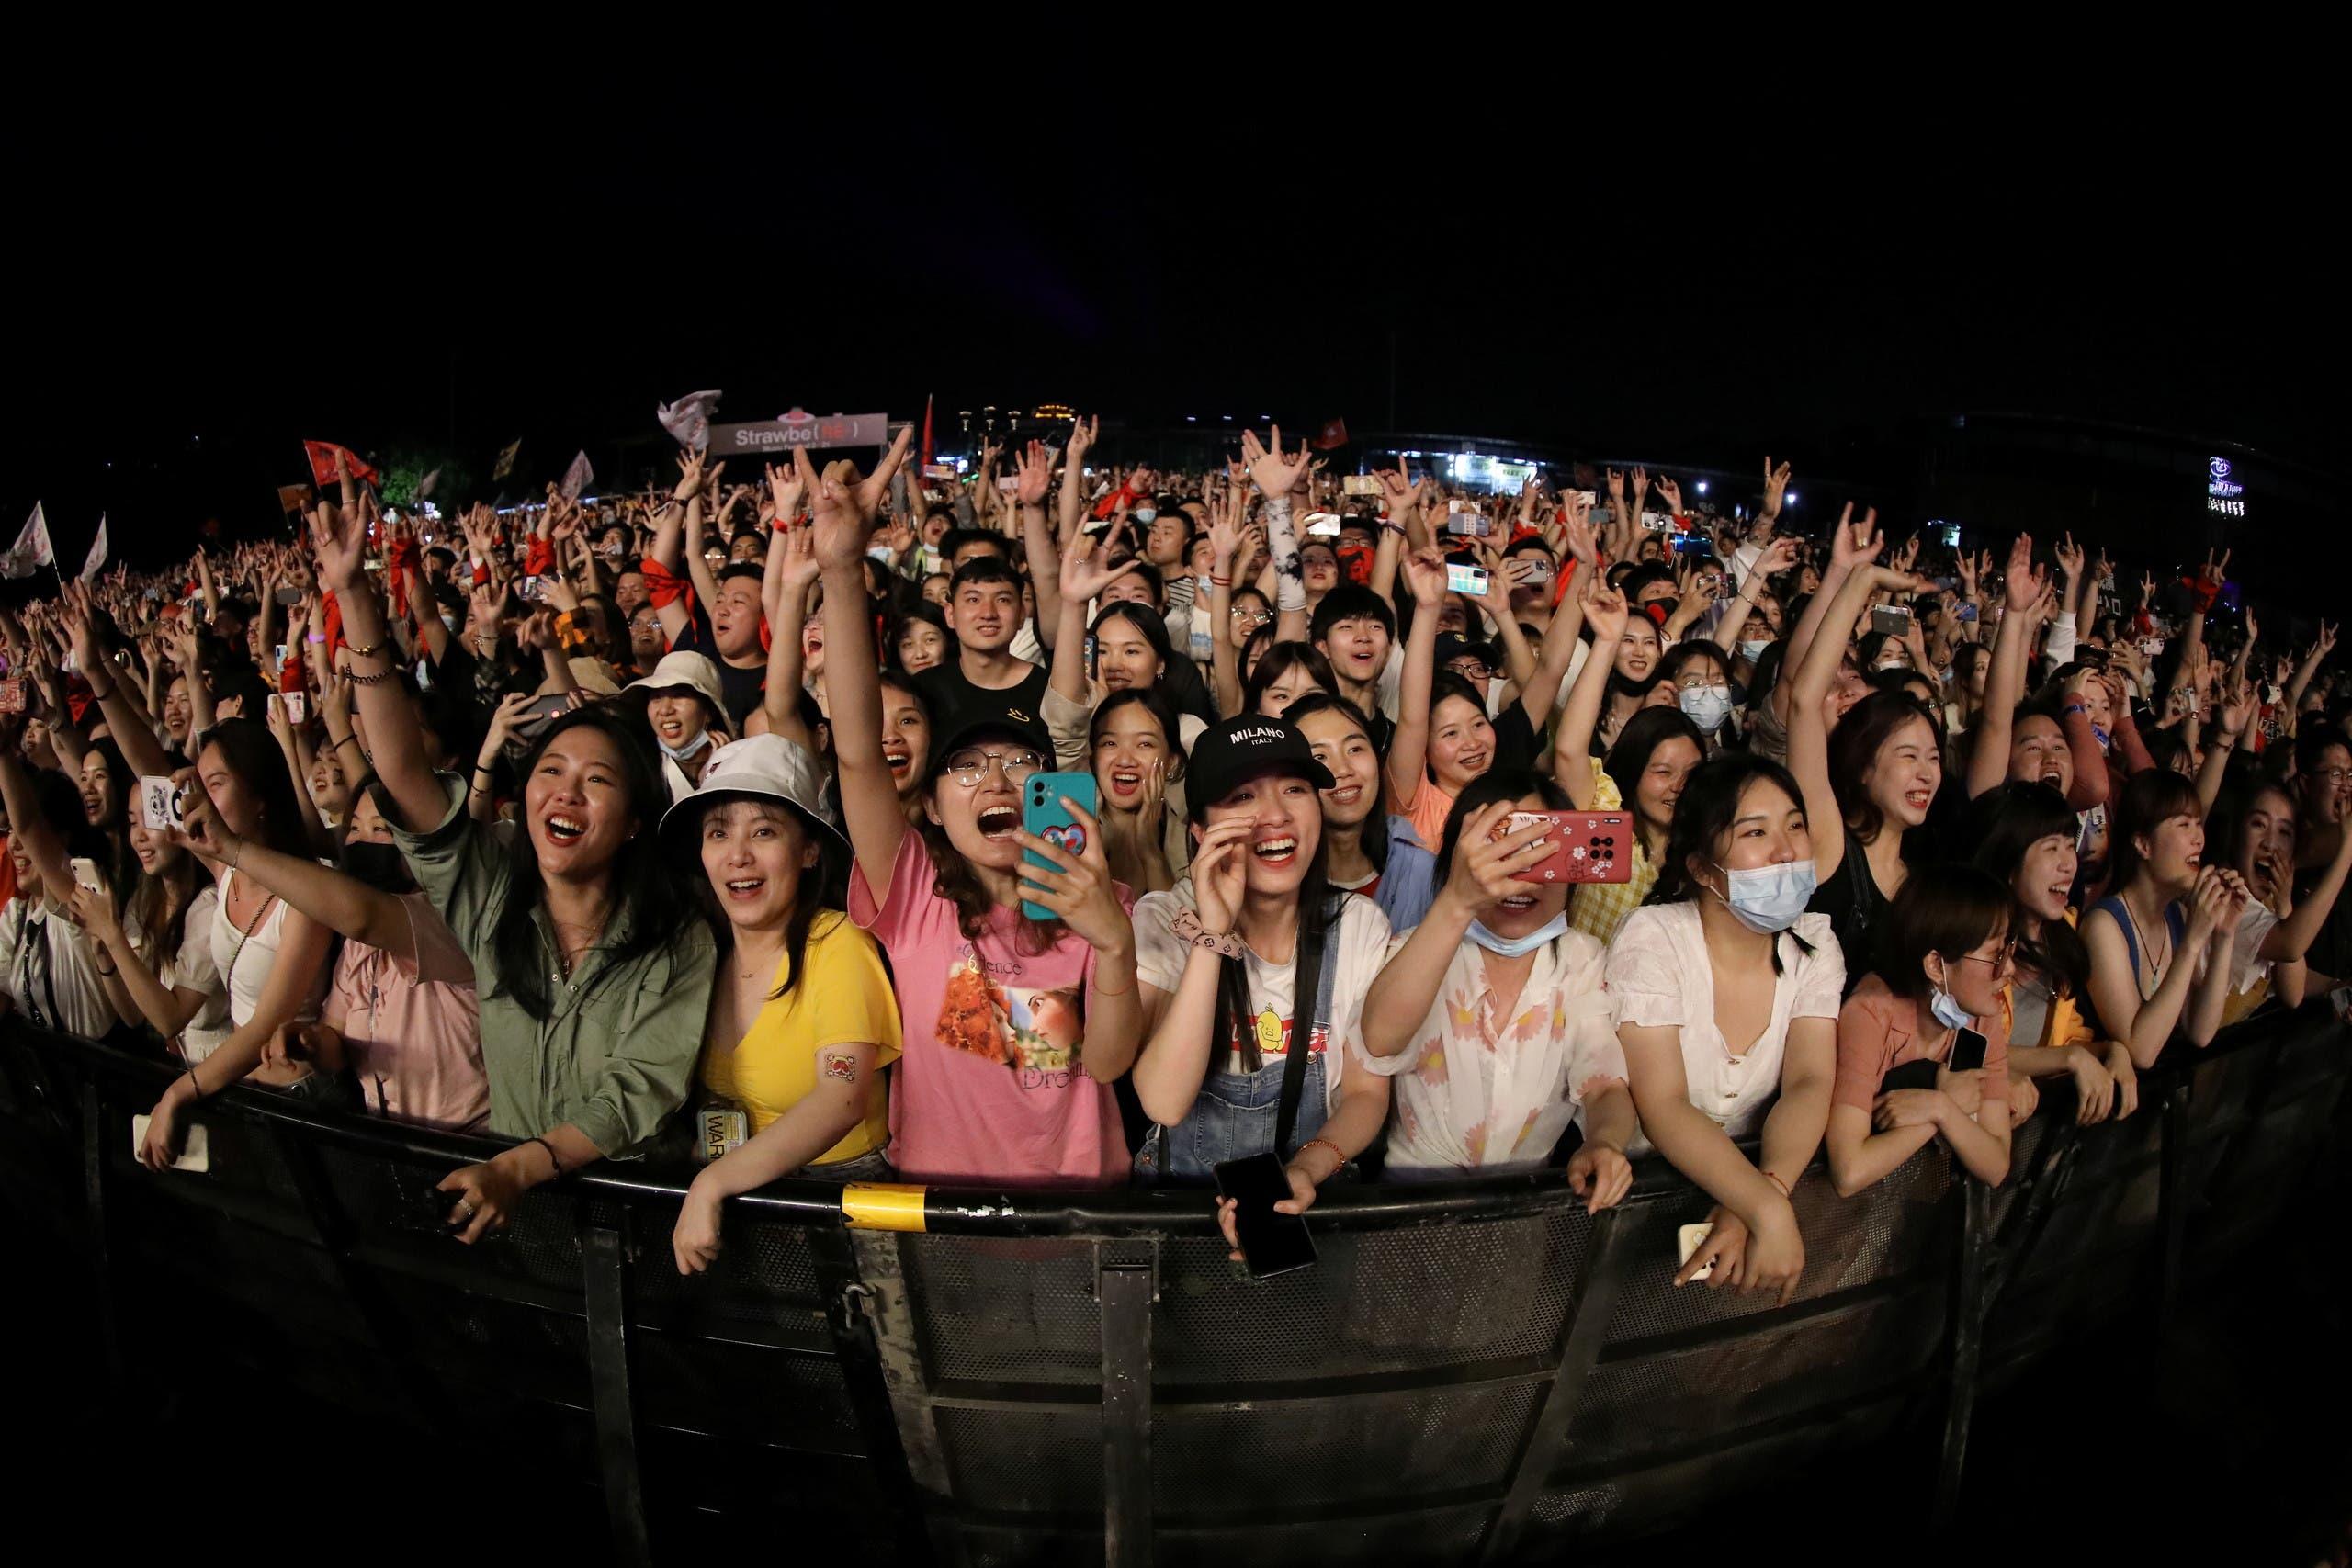 الالاف يشاركون في المهرجان الموسيقي في ووهان